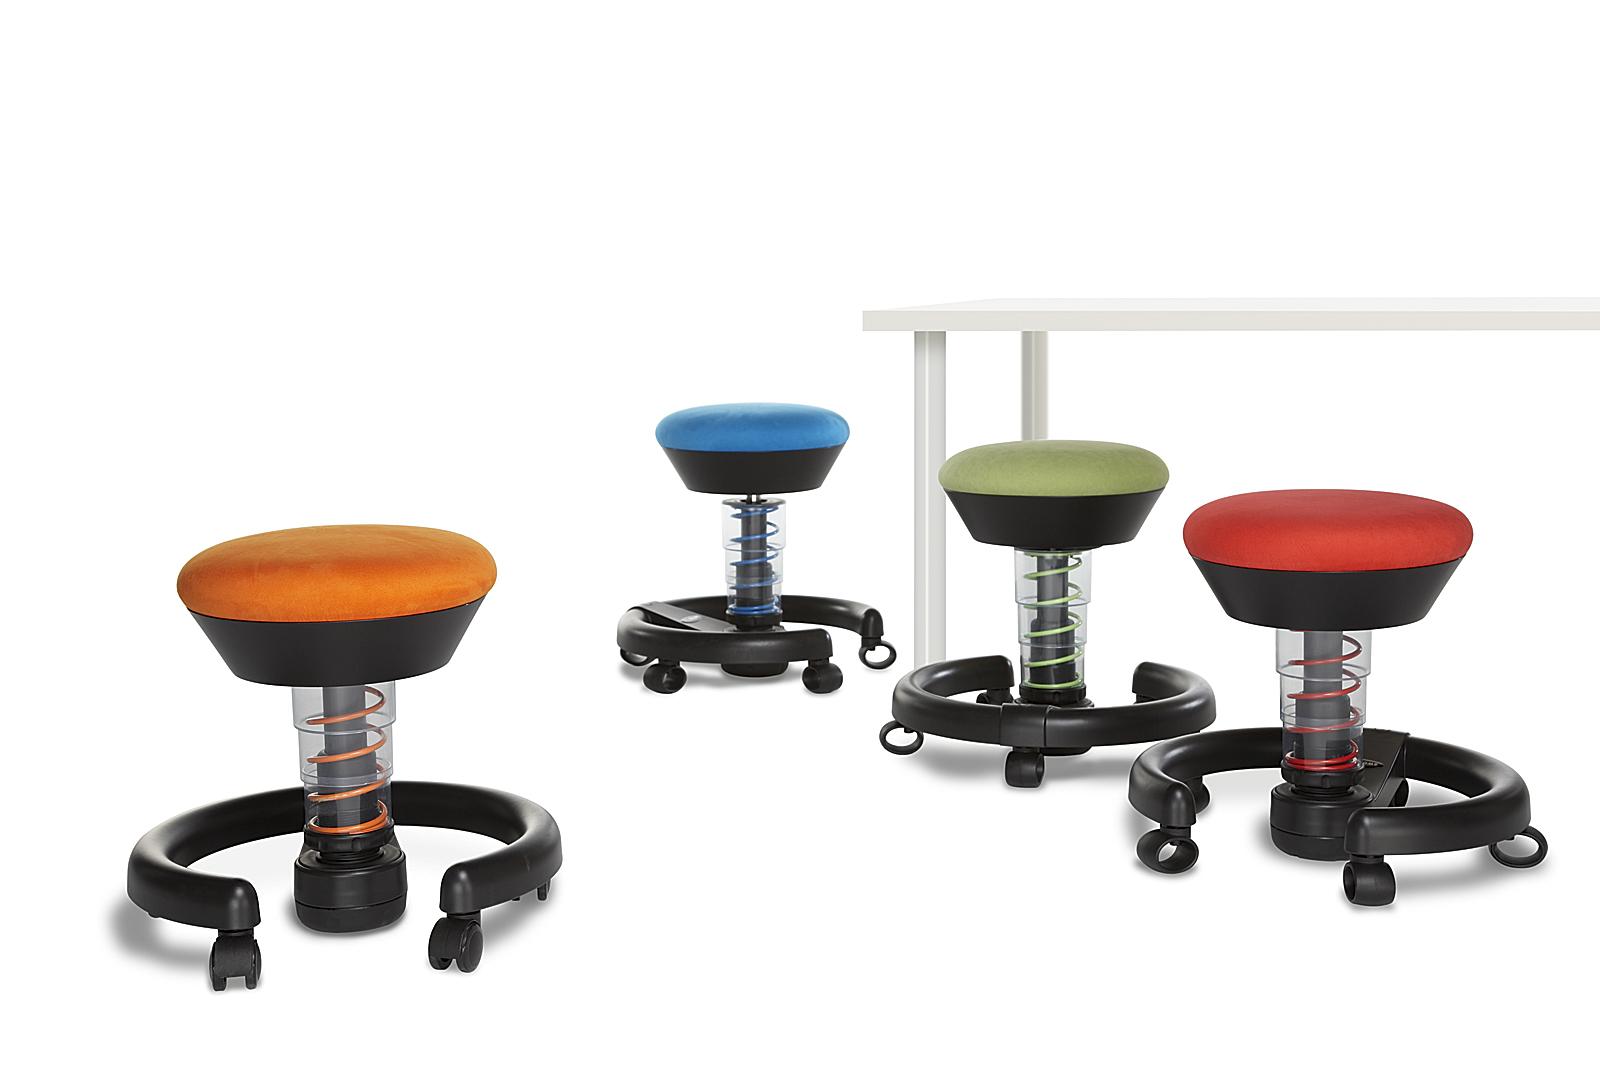 sitzend in bewegung bleiben ein kinderstuhl macht 39 s m glich. Black Bedroom Furniture Sets. Home Design Ideas